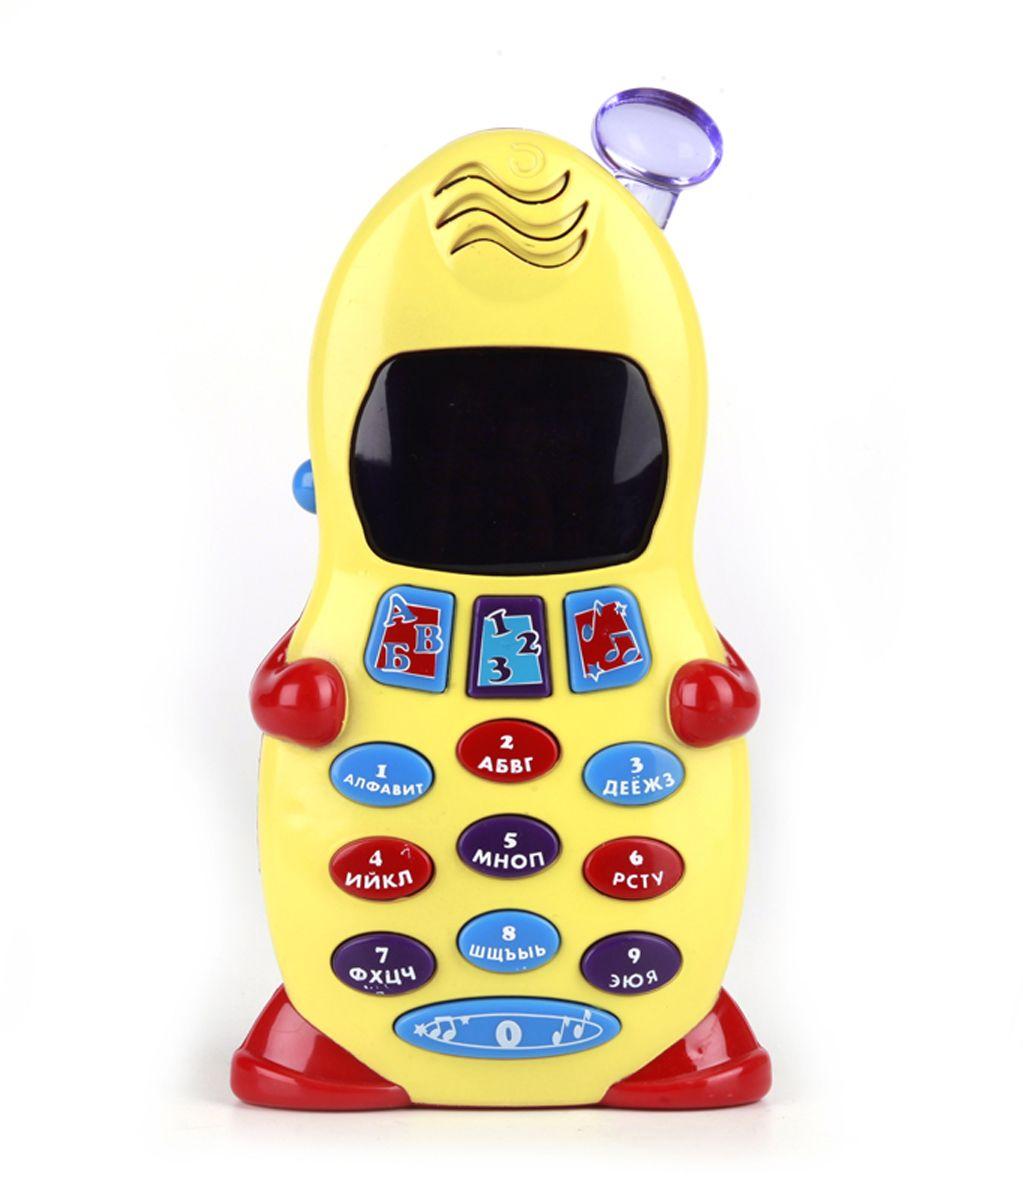 Умка Обучающий телефон Винни-пух умка фотоаппарат чебурашки умка